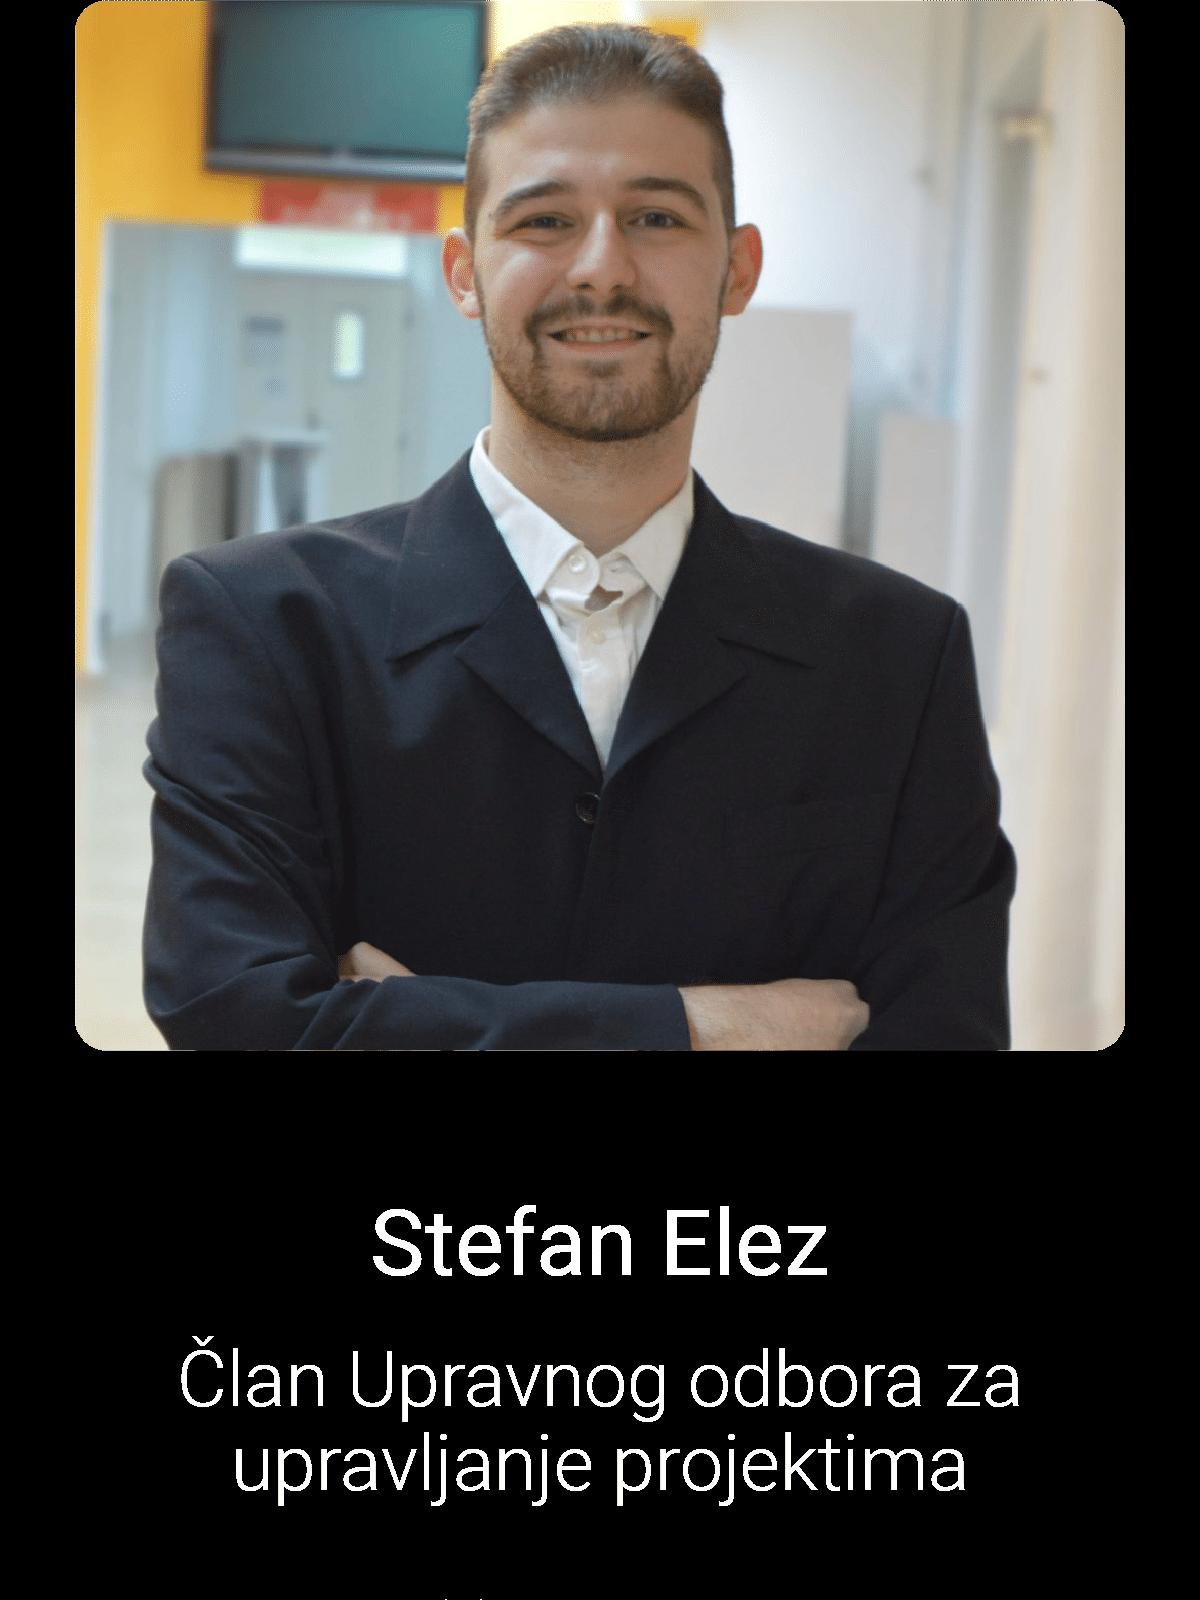 Stefan Elez